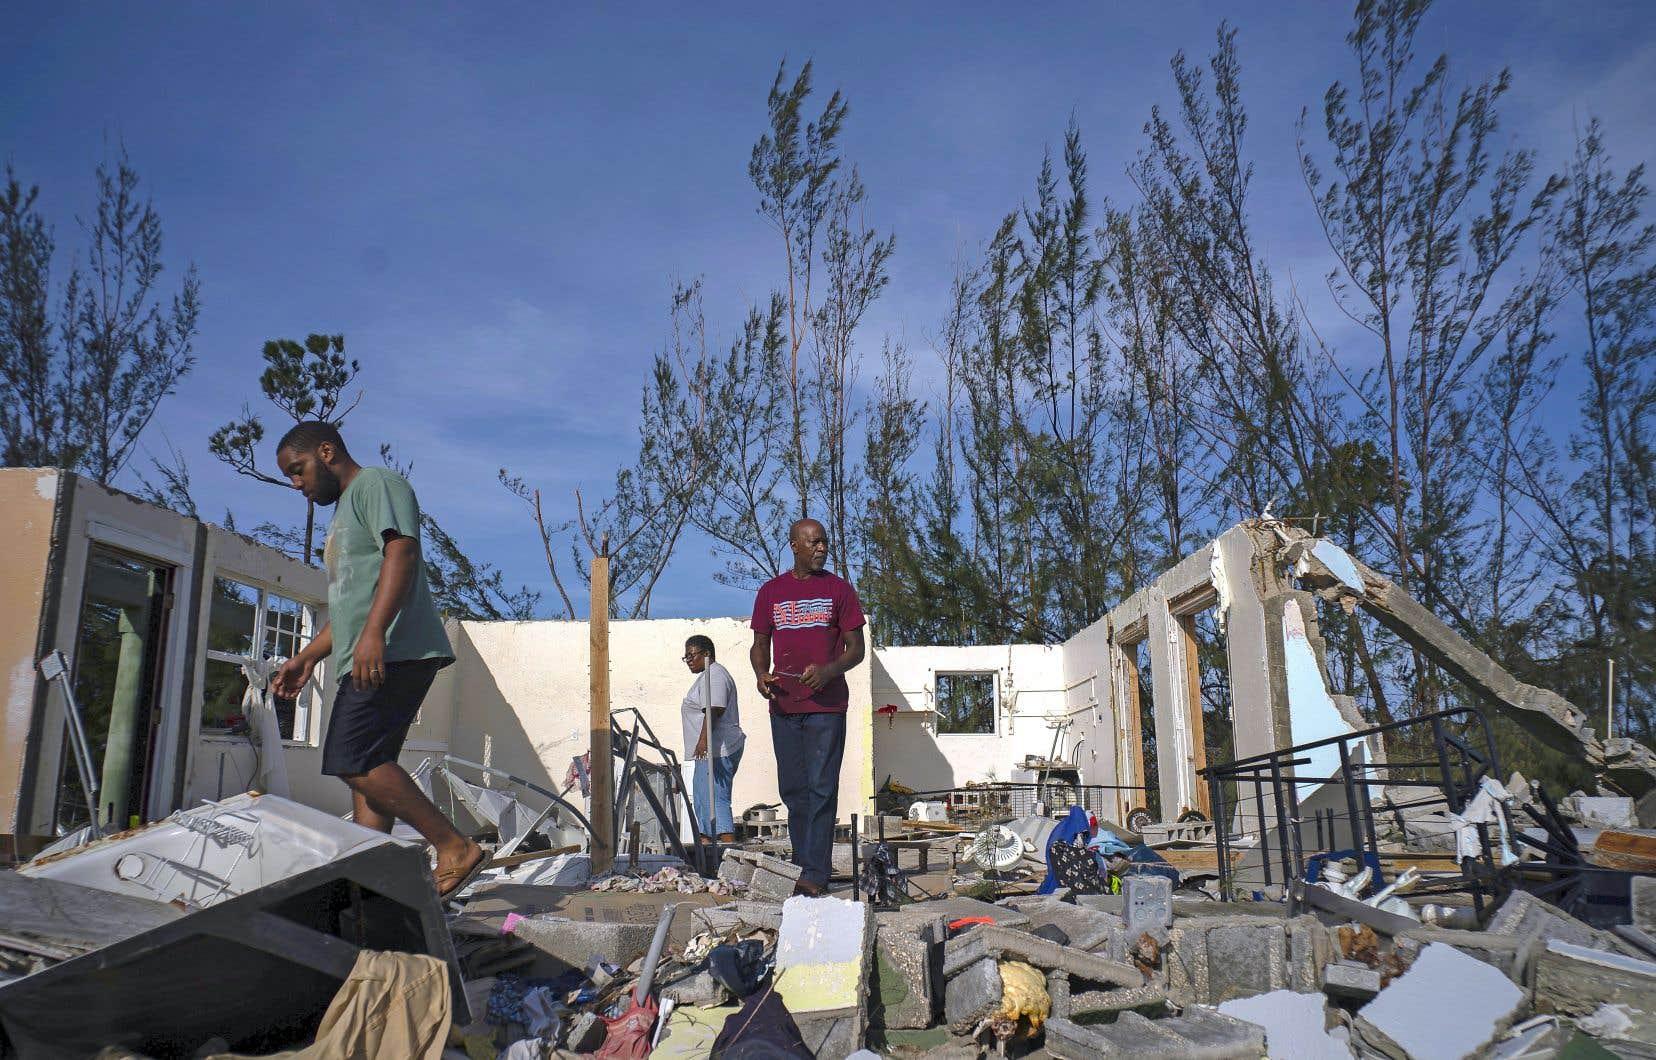 Les Abacos et l'île de Grand Bahama, dans le nord du pays, ont été dévastées. Des centaines de maisons ont vu leur toit s'envoler, des voitures étaient submergées par les inondations et des bateaux étaient en miettes.